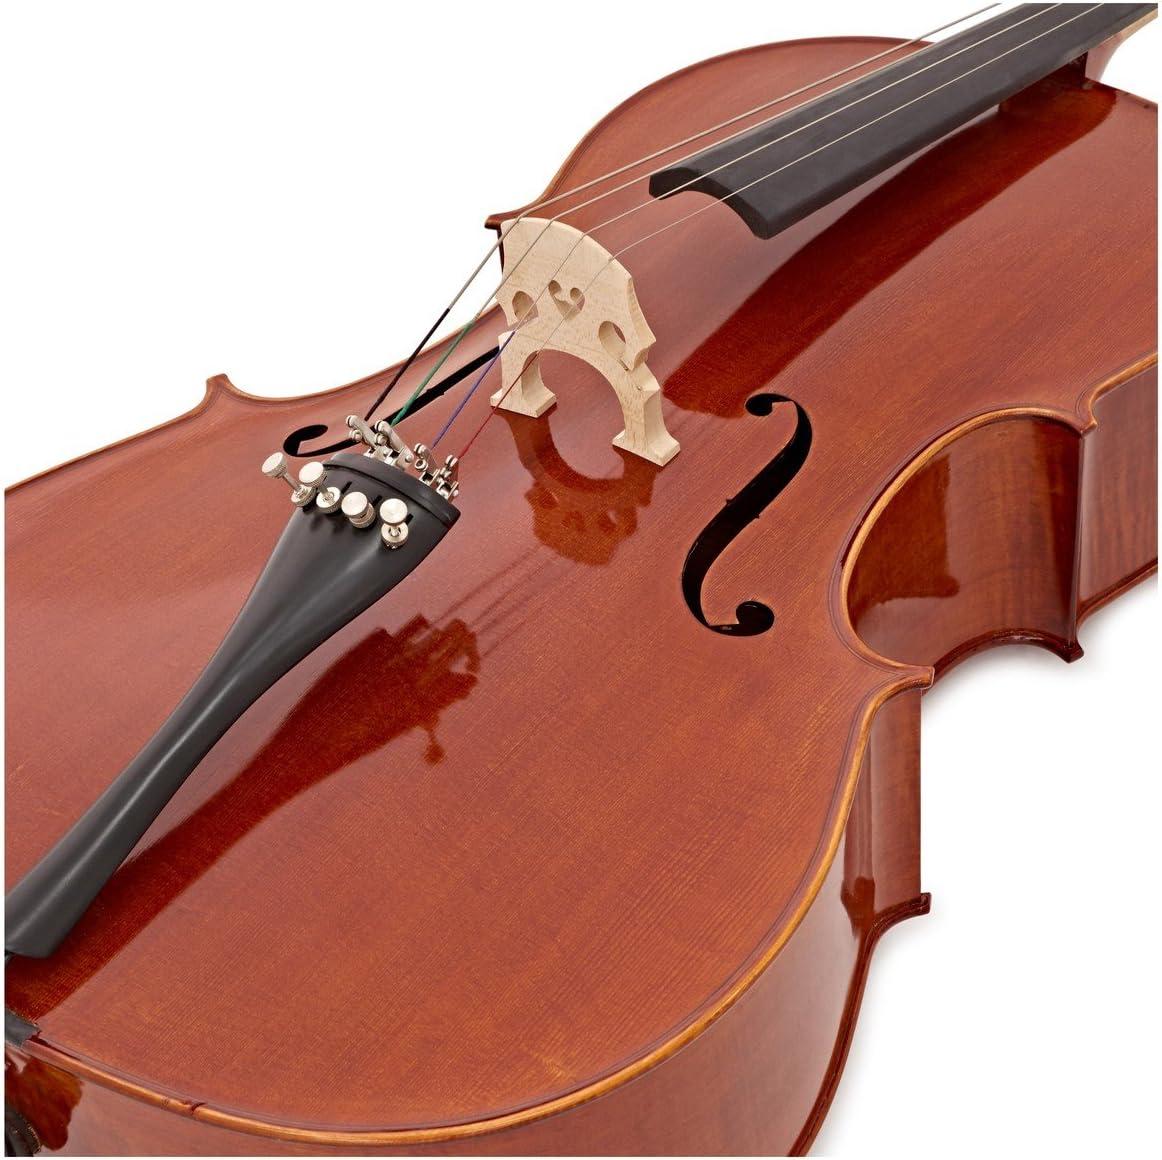 Violonchelo Archer 4/4 + Estuche de Gear4music: Amazon.es: Instrumentos musicales